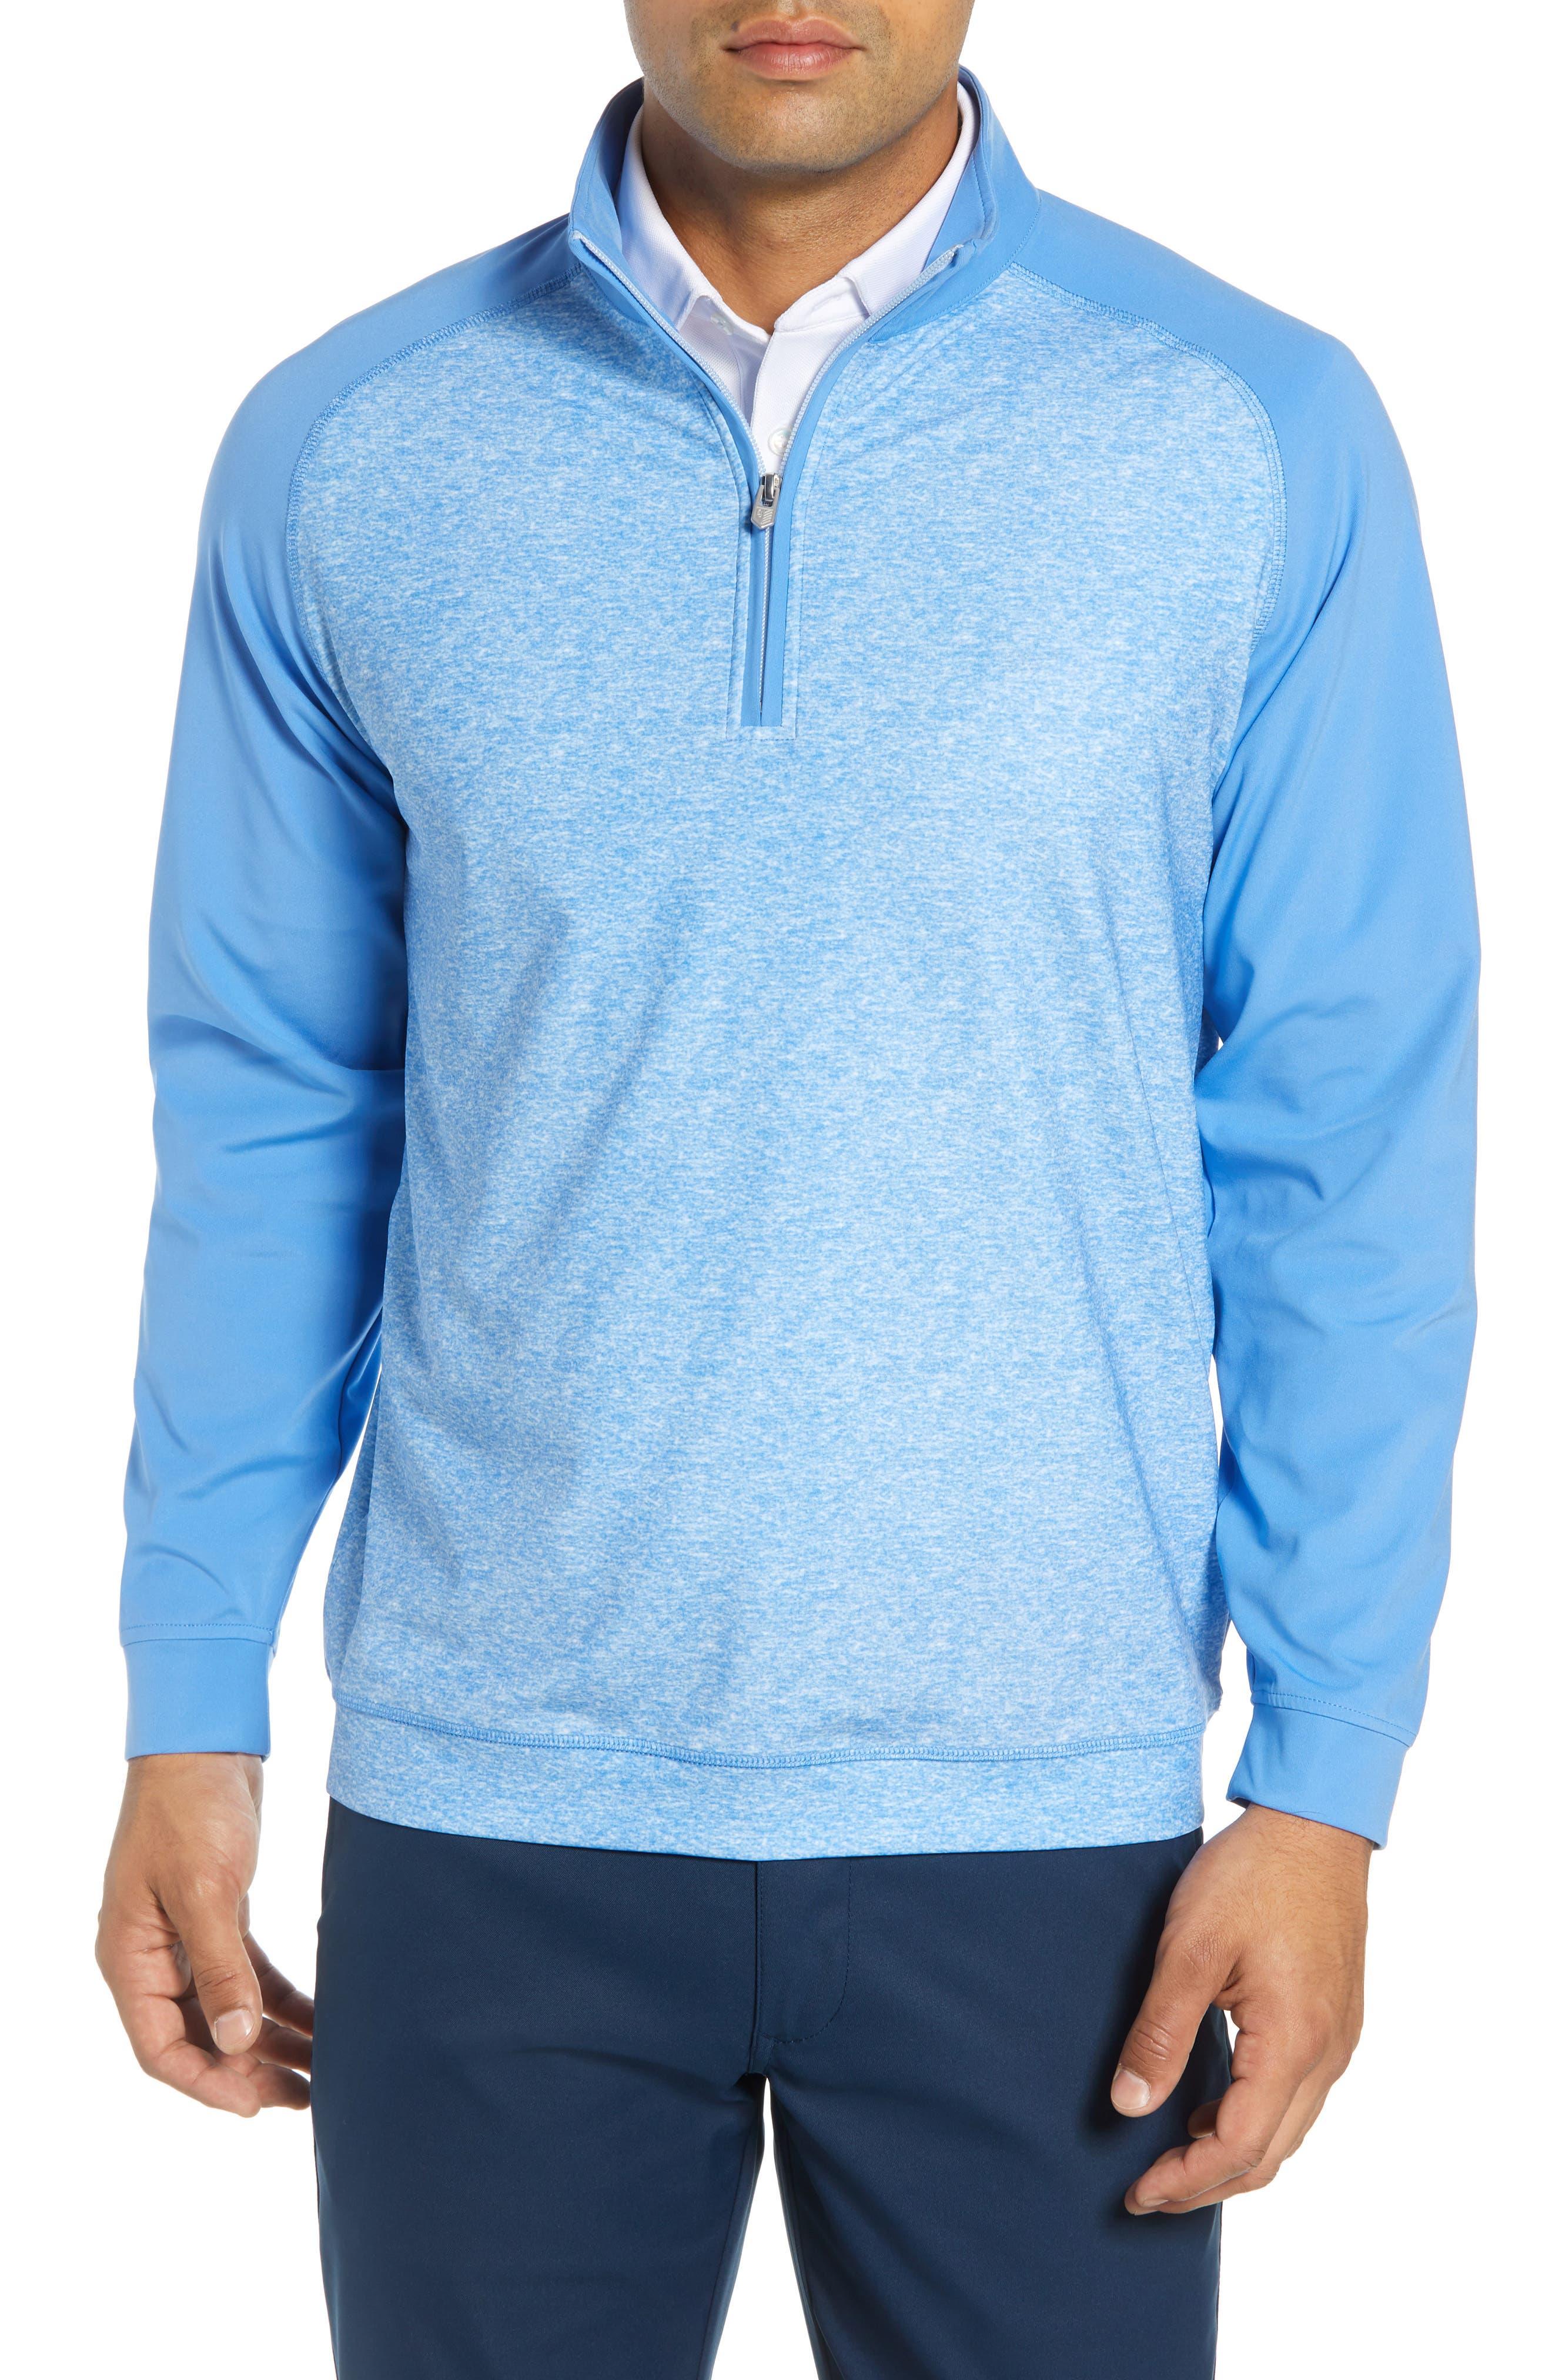 95e893374 Buy bobby jones clothing for men - Best men's bobby jones clothing ...